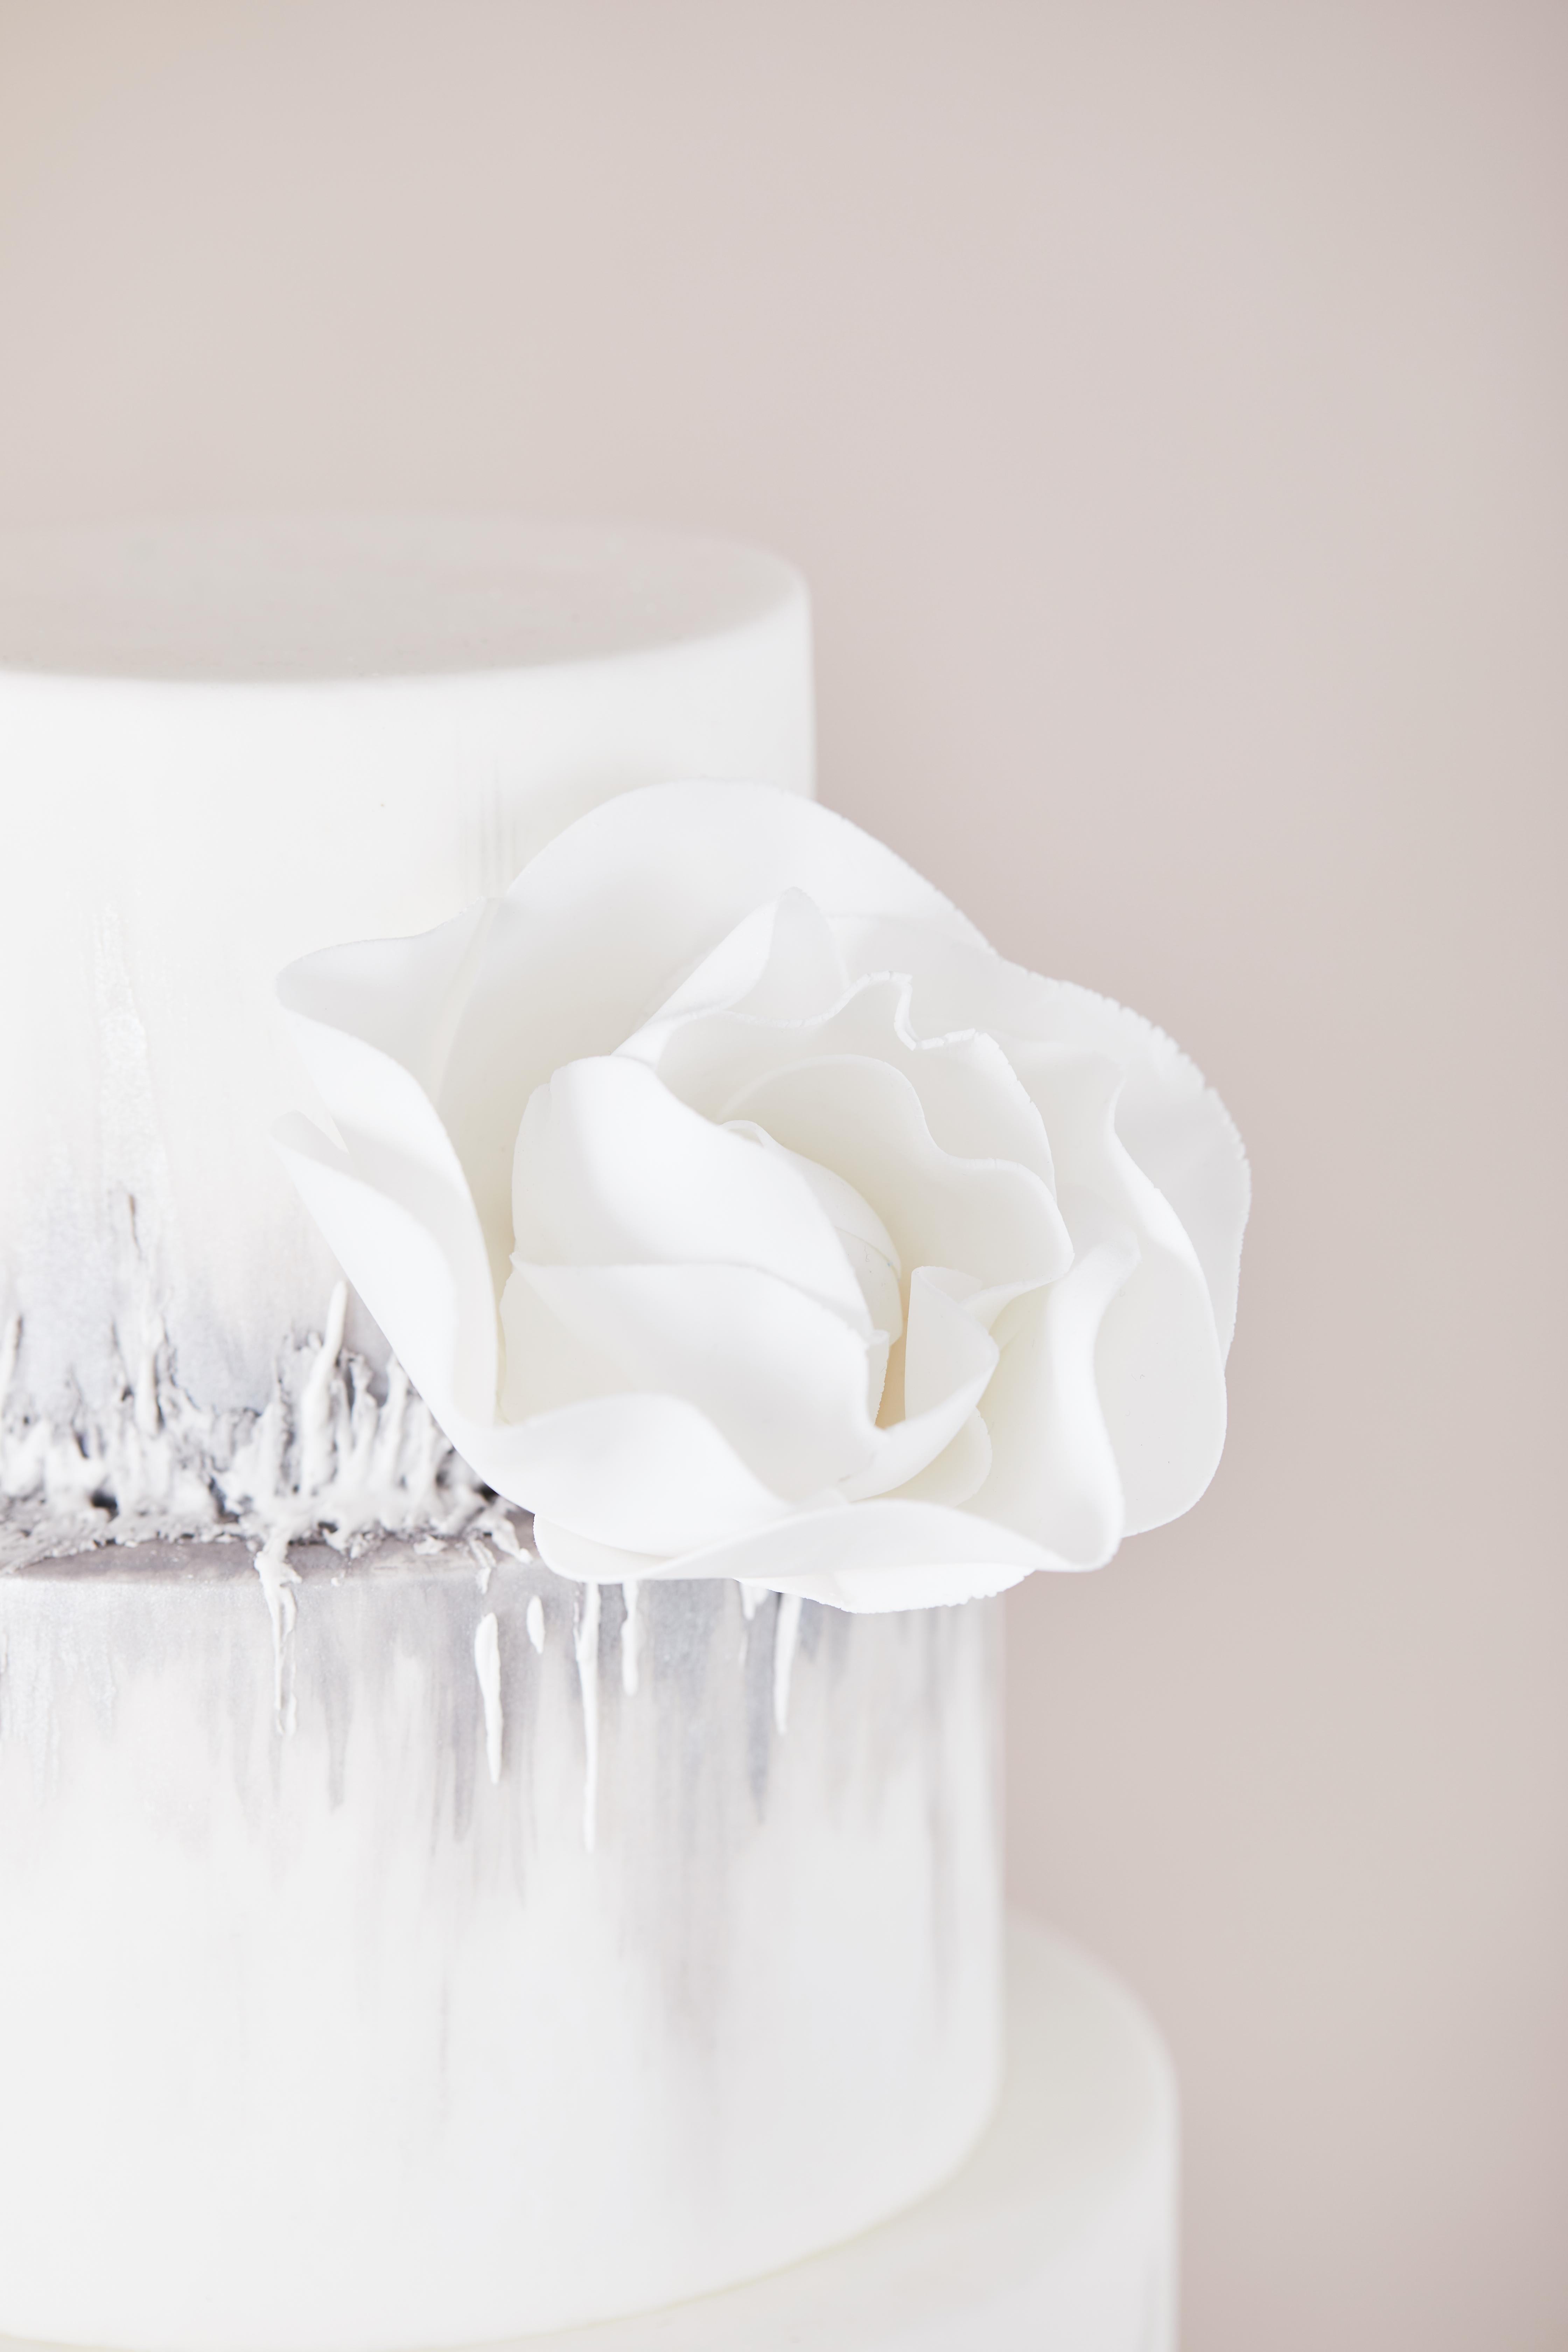 exquisite cake design